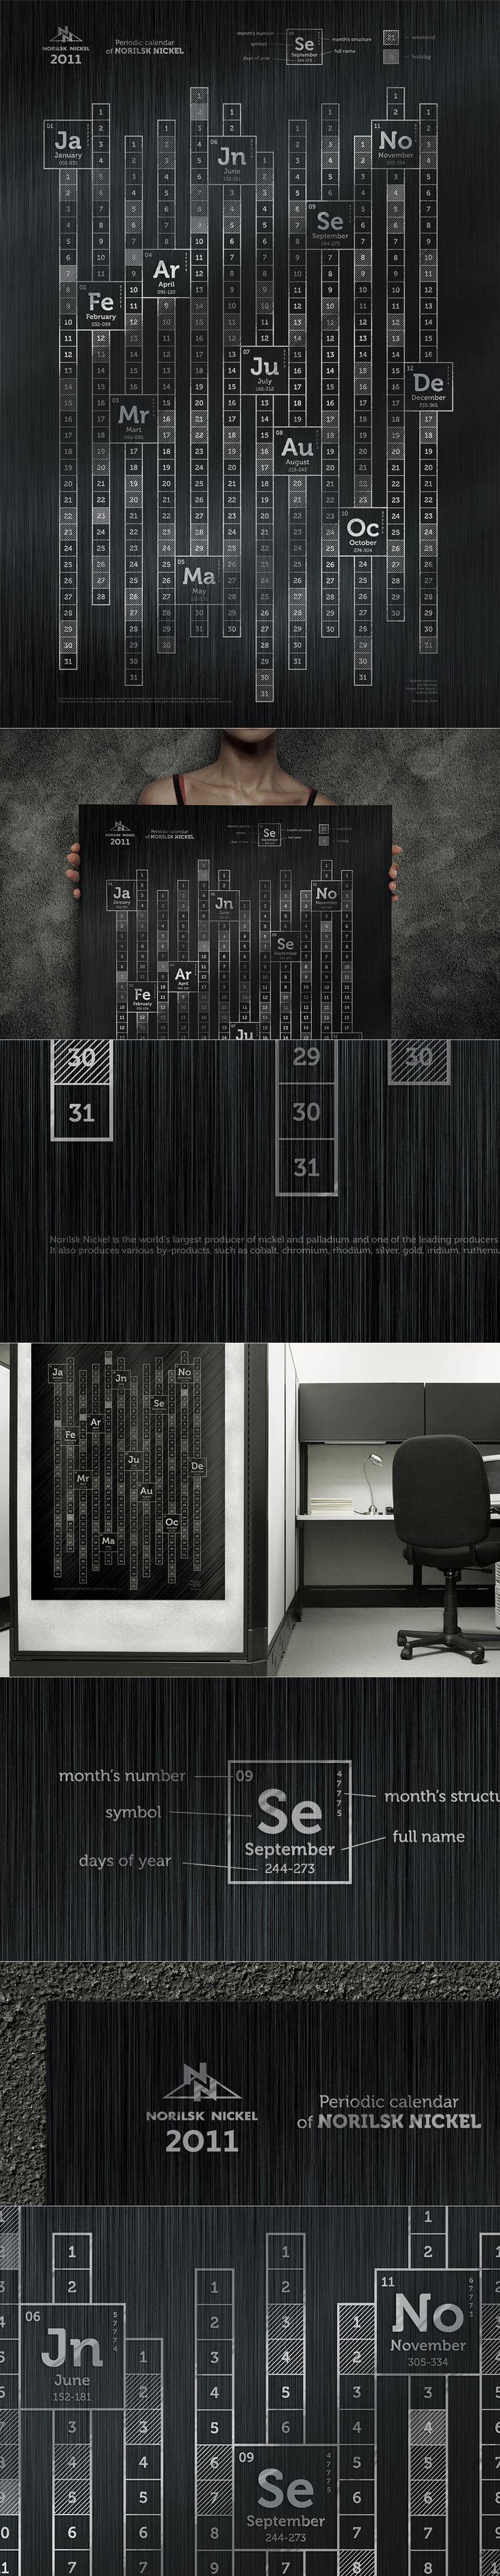 Календарь для Норильского Никеля, Calendar © ПавелЕмельянов